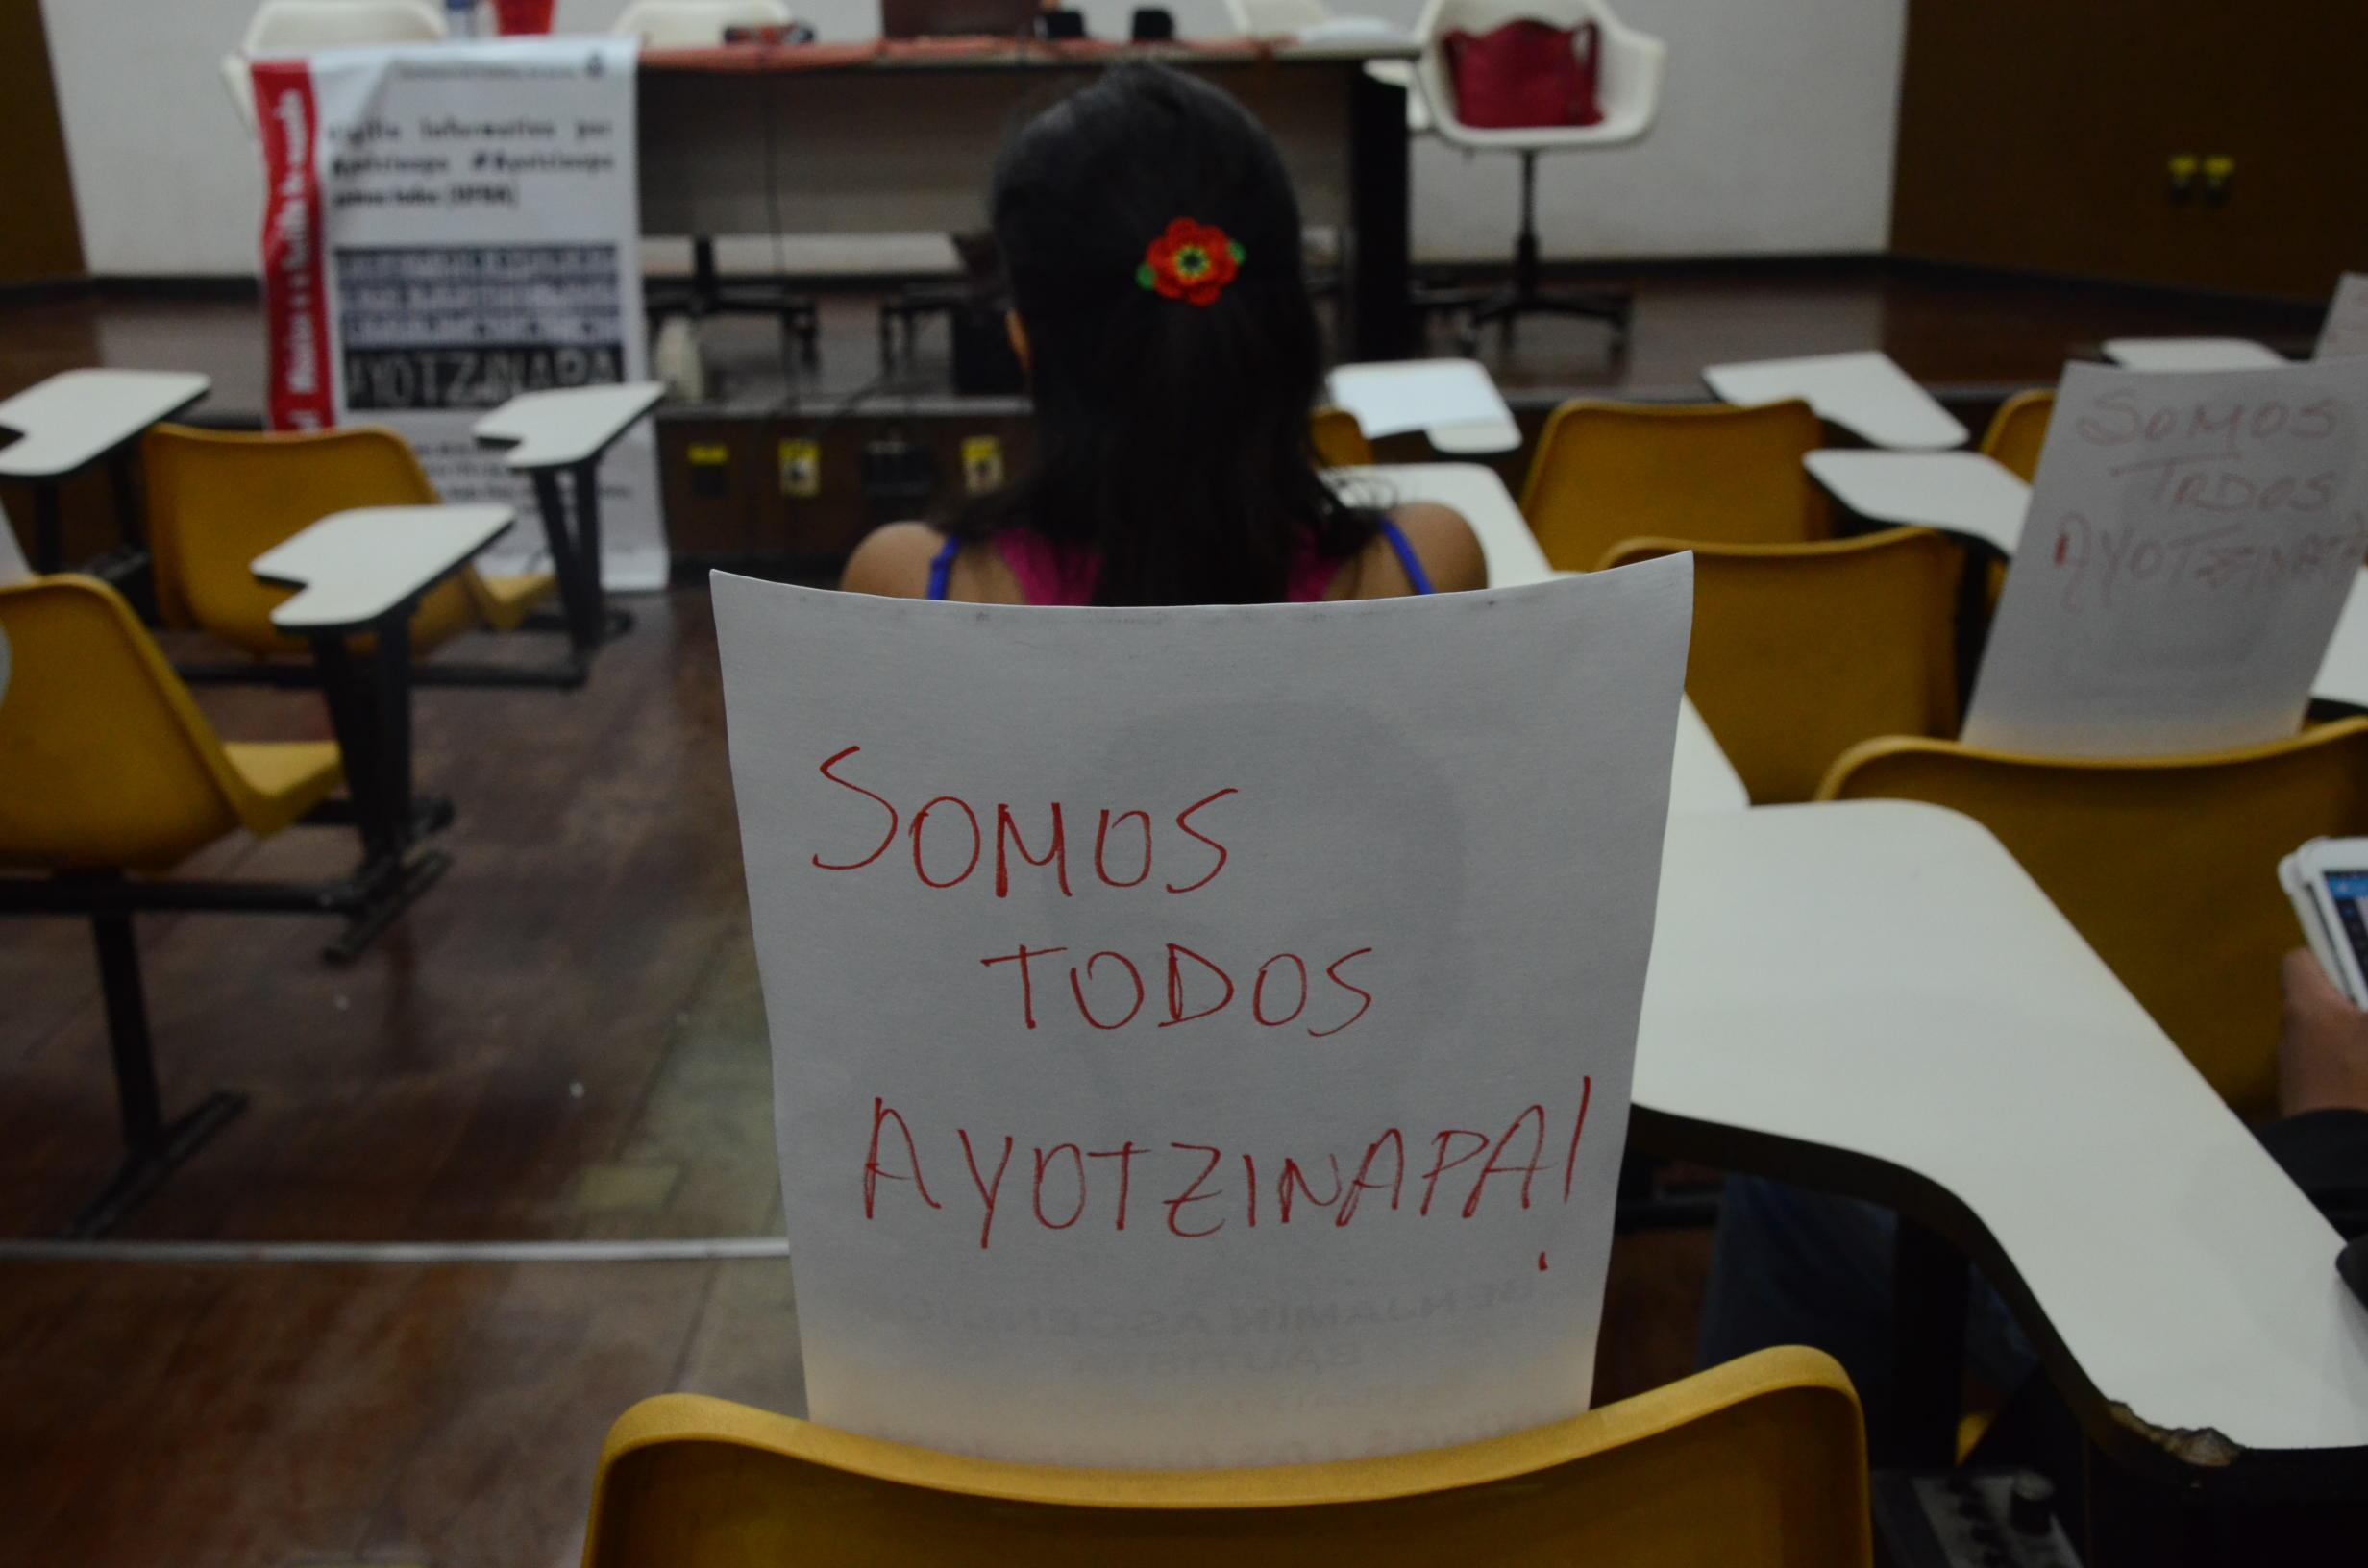 Somos todos Ayotzinapa1